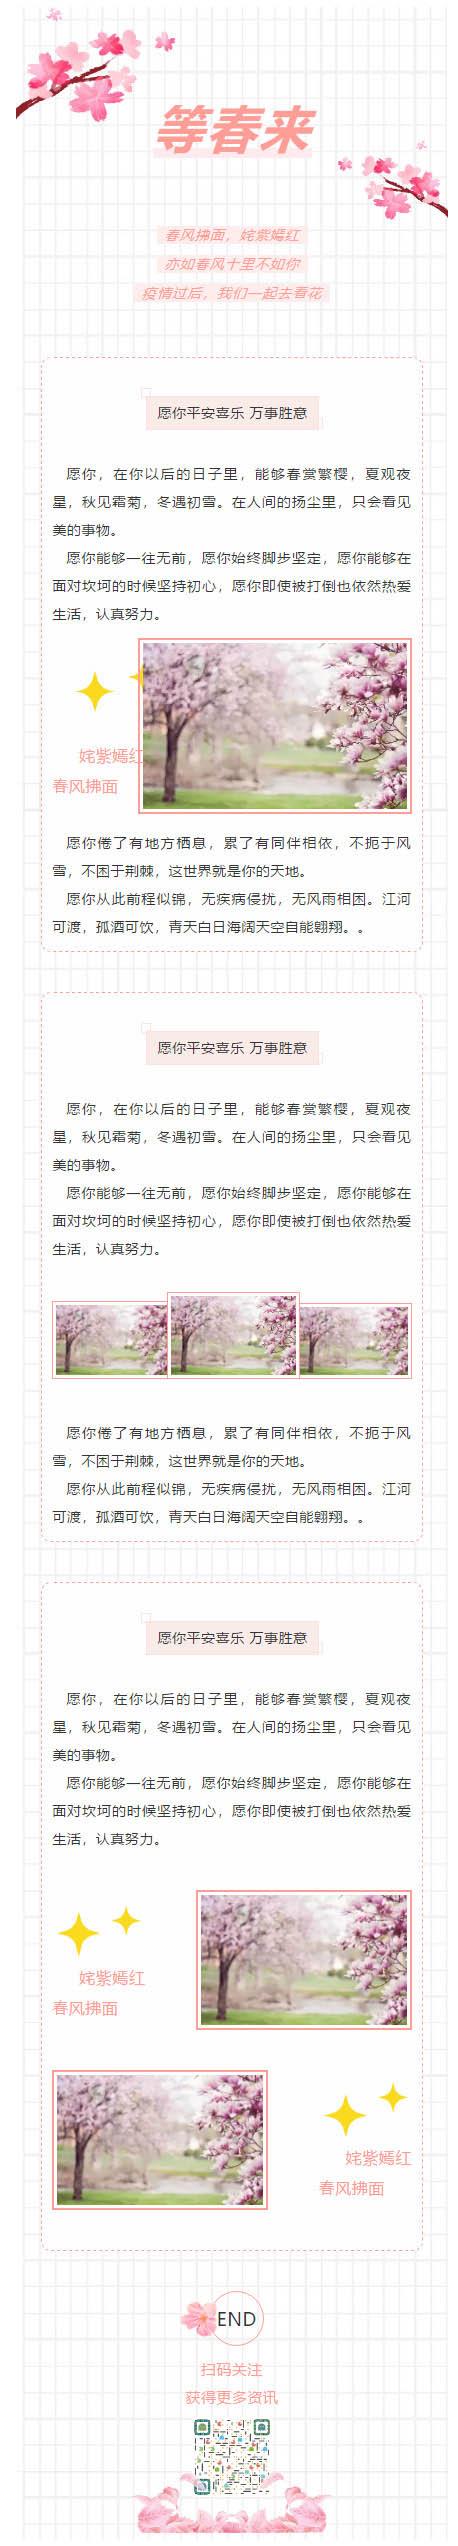 春天春风春光花开网格背景樱花微信公众号推送图文模板微信推文素材